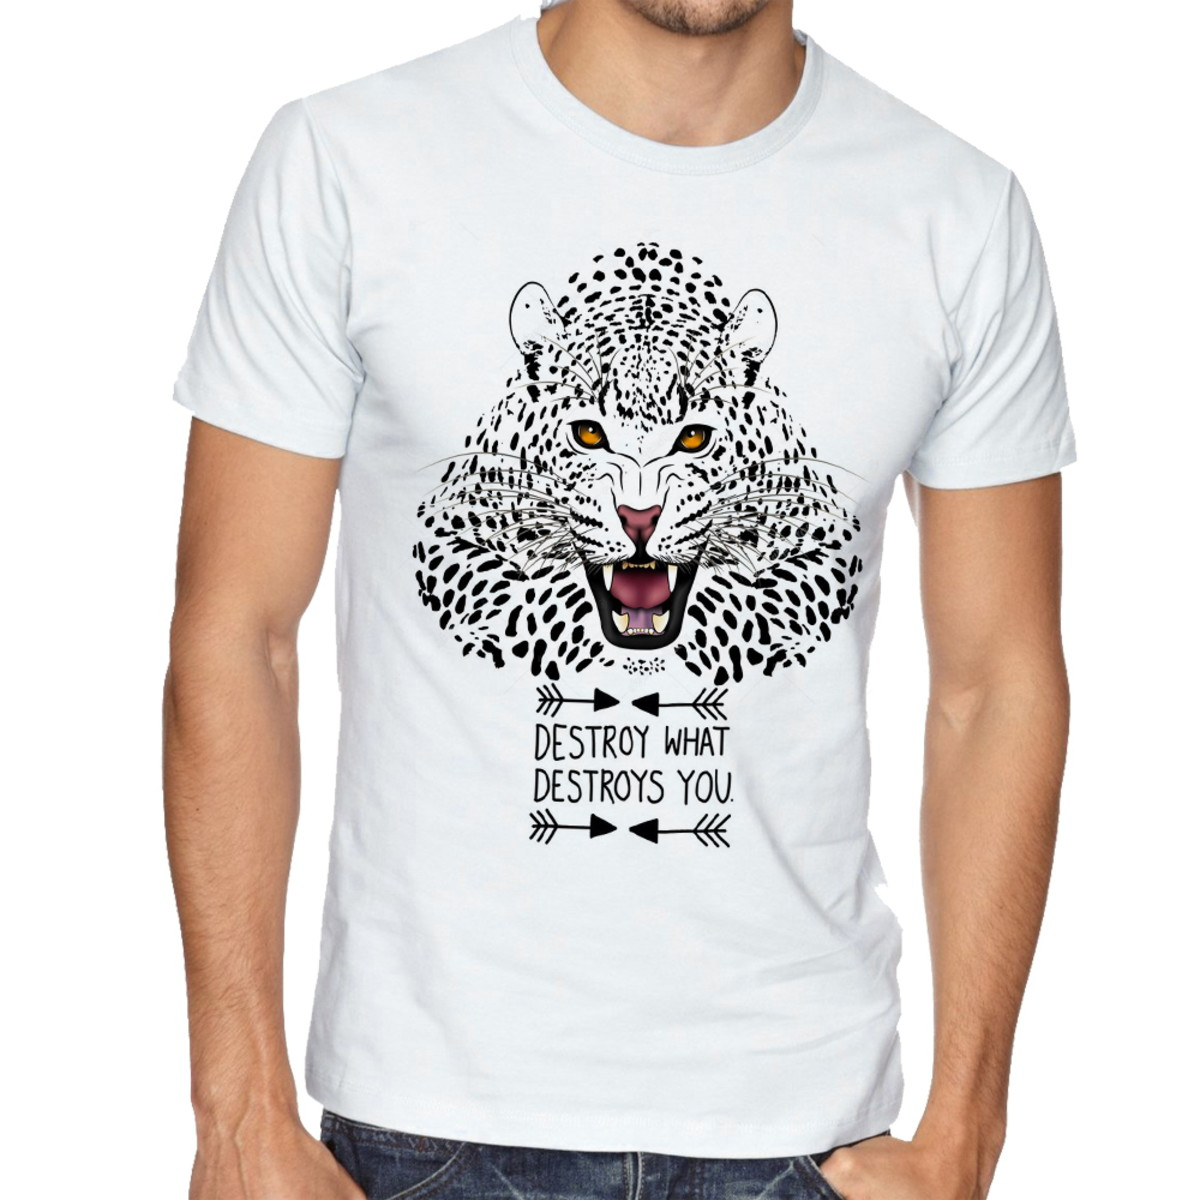 Camiseta Infantil Blusa Crianca Onca Pintada Animal Selva No Elo7